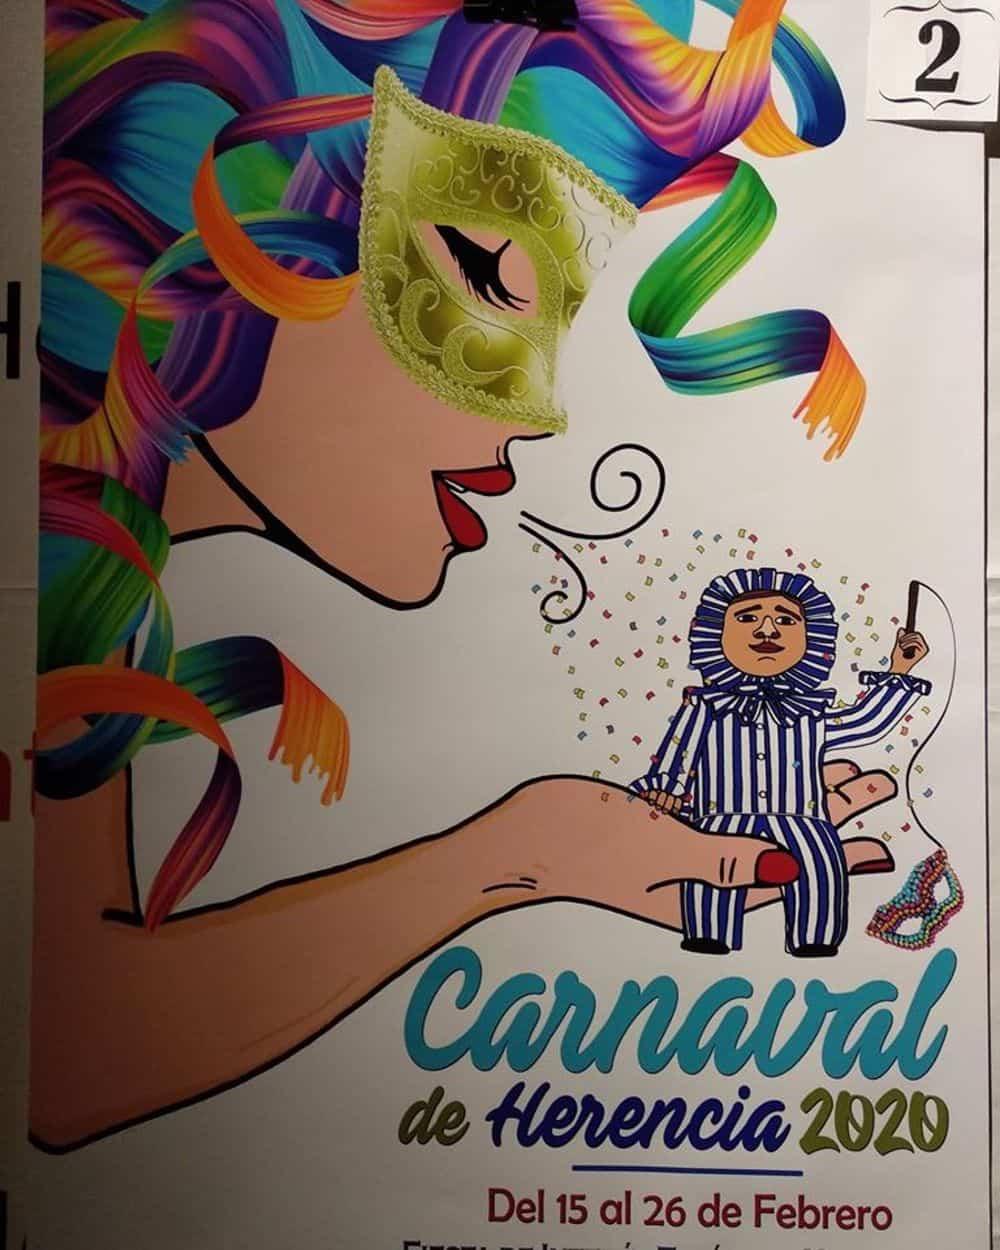 carteles carnaval 2020 herencia 5 - Conoce los carteles de Carnaval de Herencia 2020, ¿cuál te gusta más?